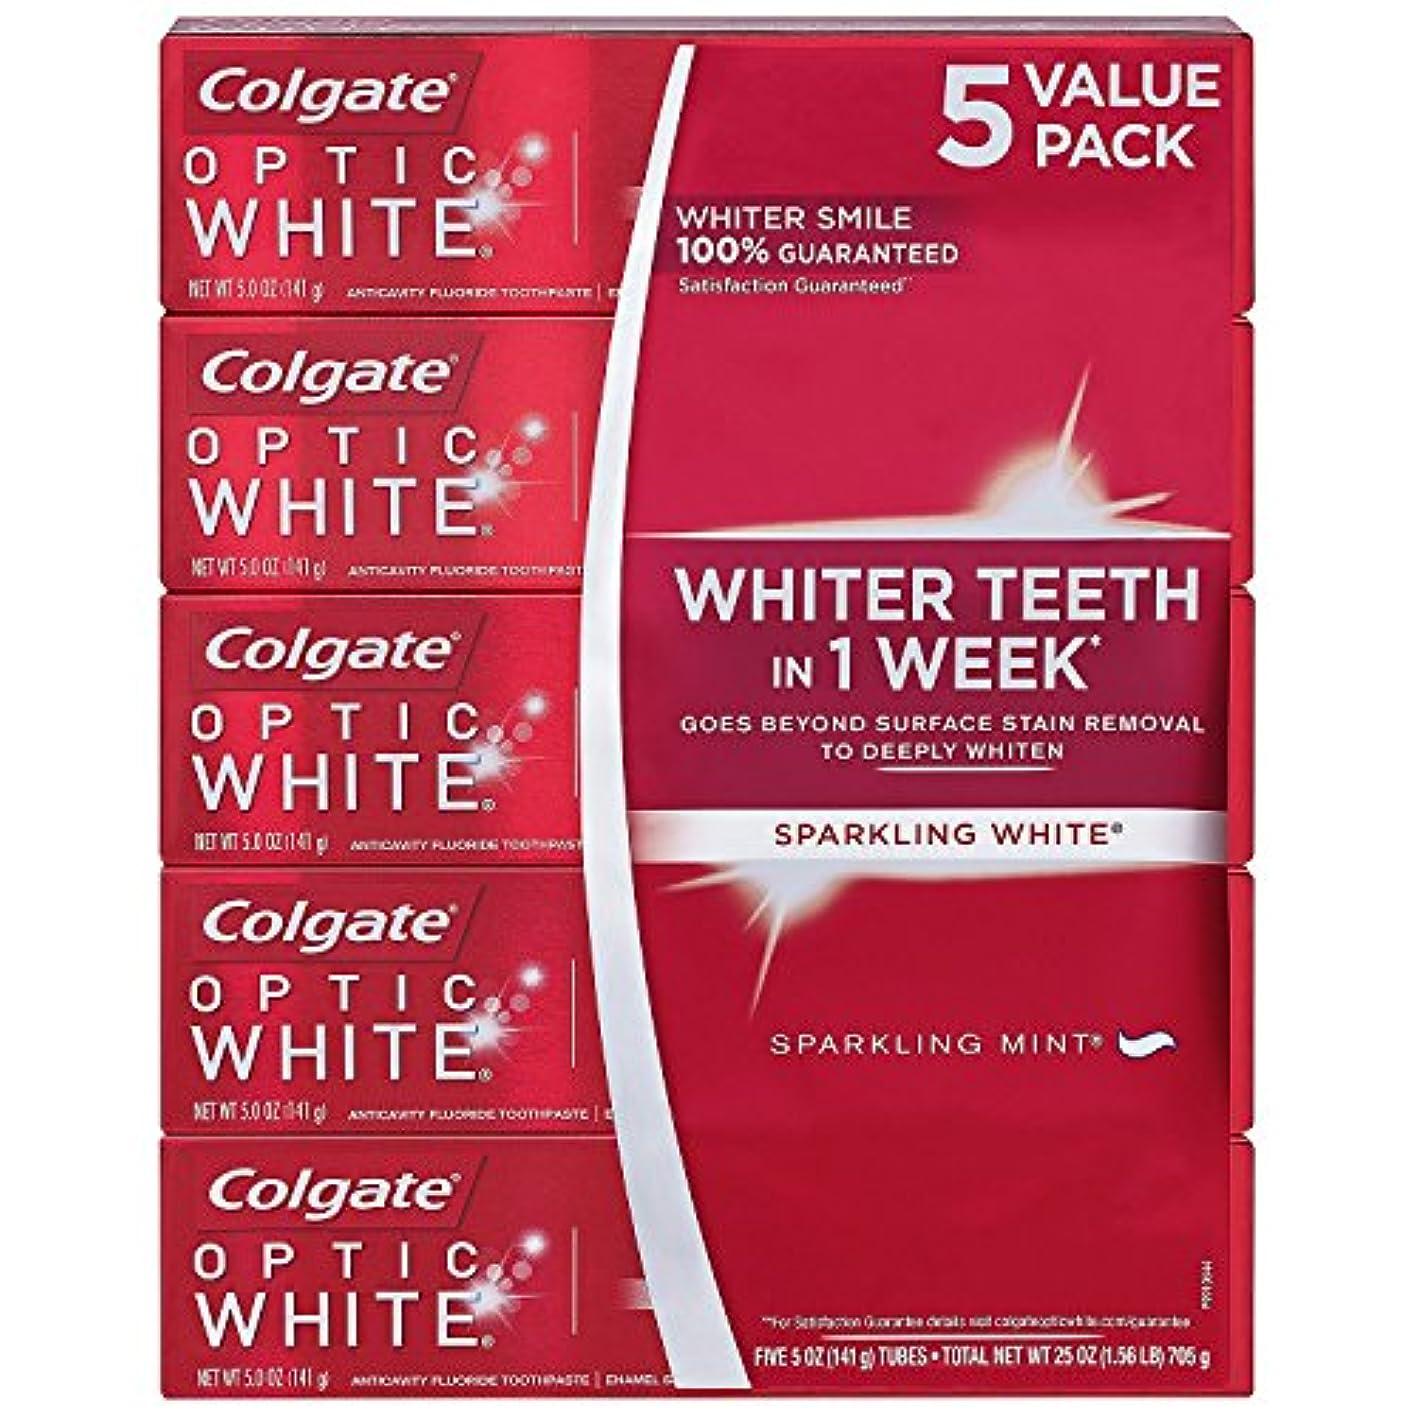 近代化分子フリース海外直送品 Colgate Optic White コルゲート オプティック ホワイト スパークリングミント141g ×5本 [Pack of 5]